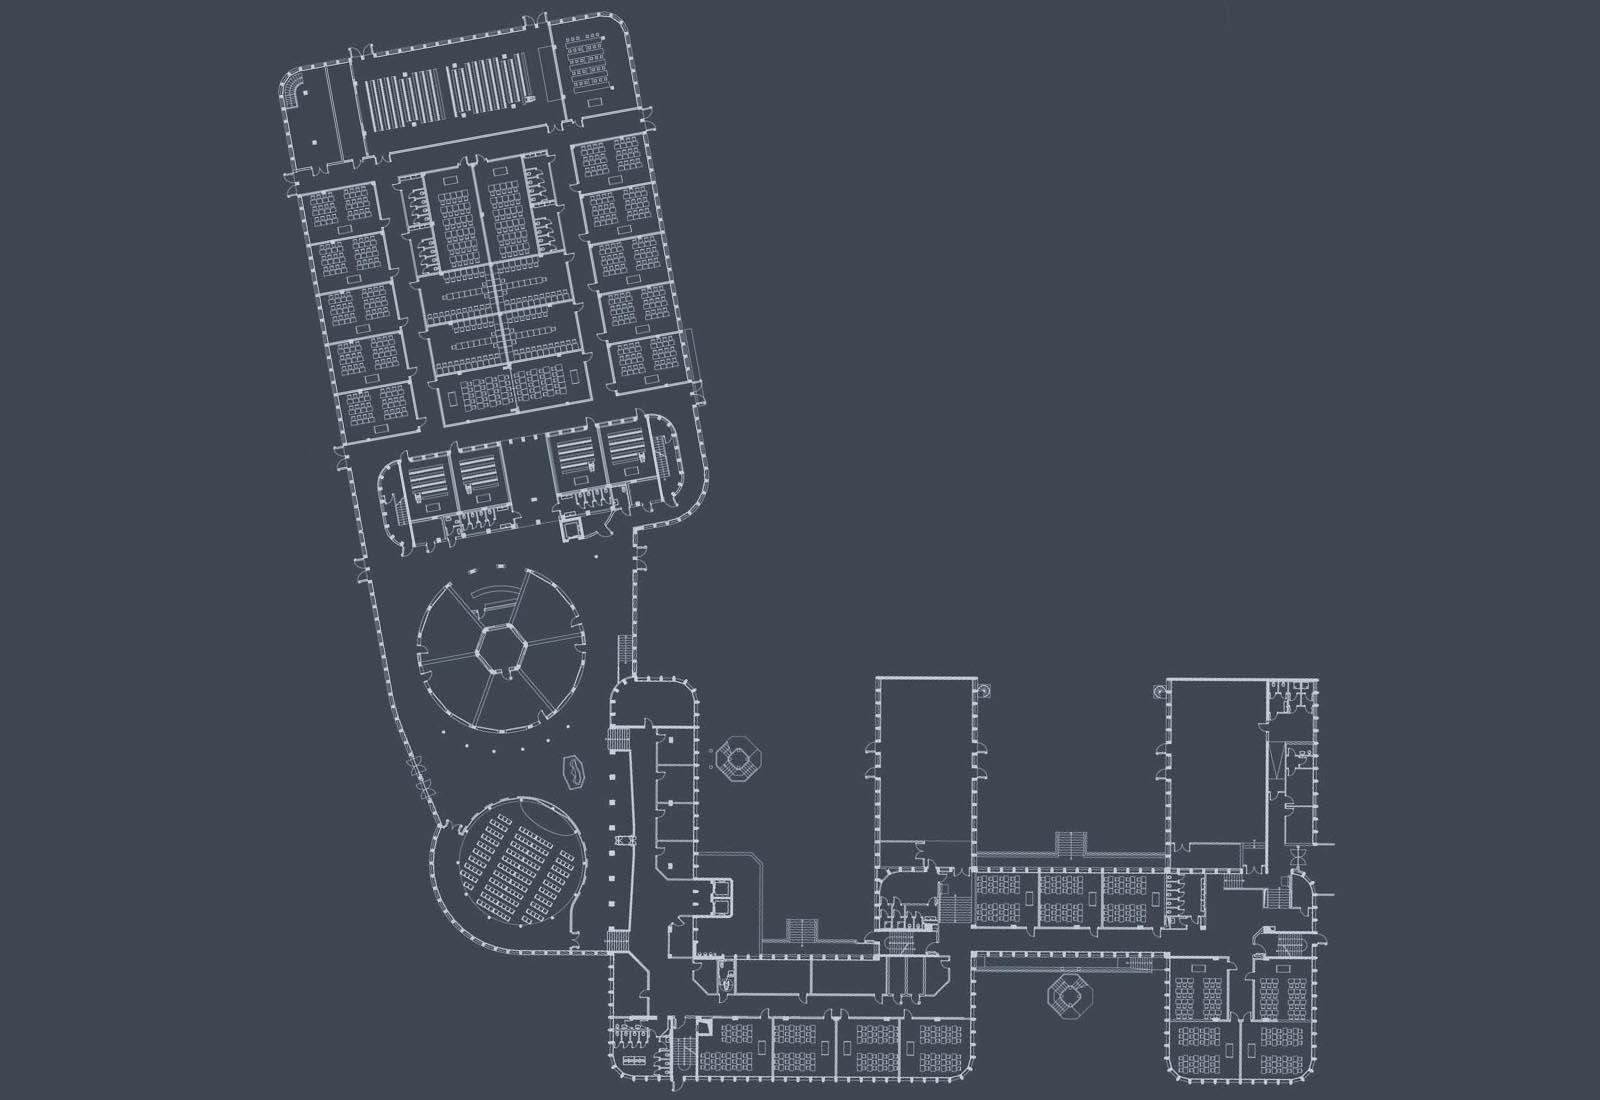 Polo scolastico Manzoni - Planimetria del complesso scolastico